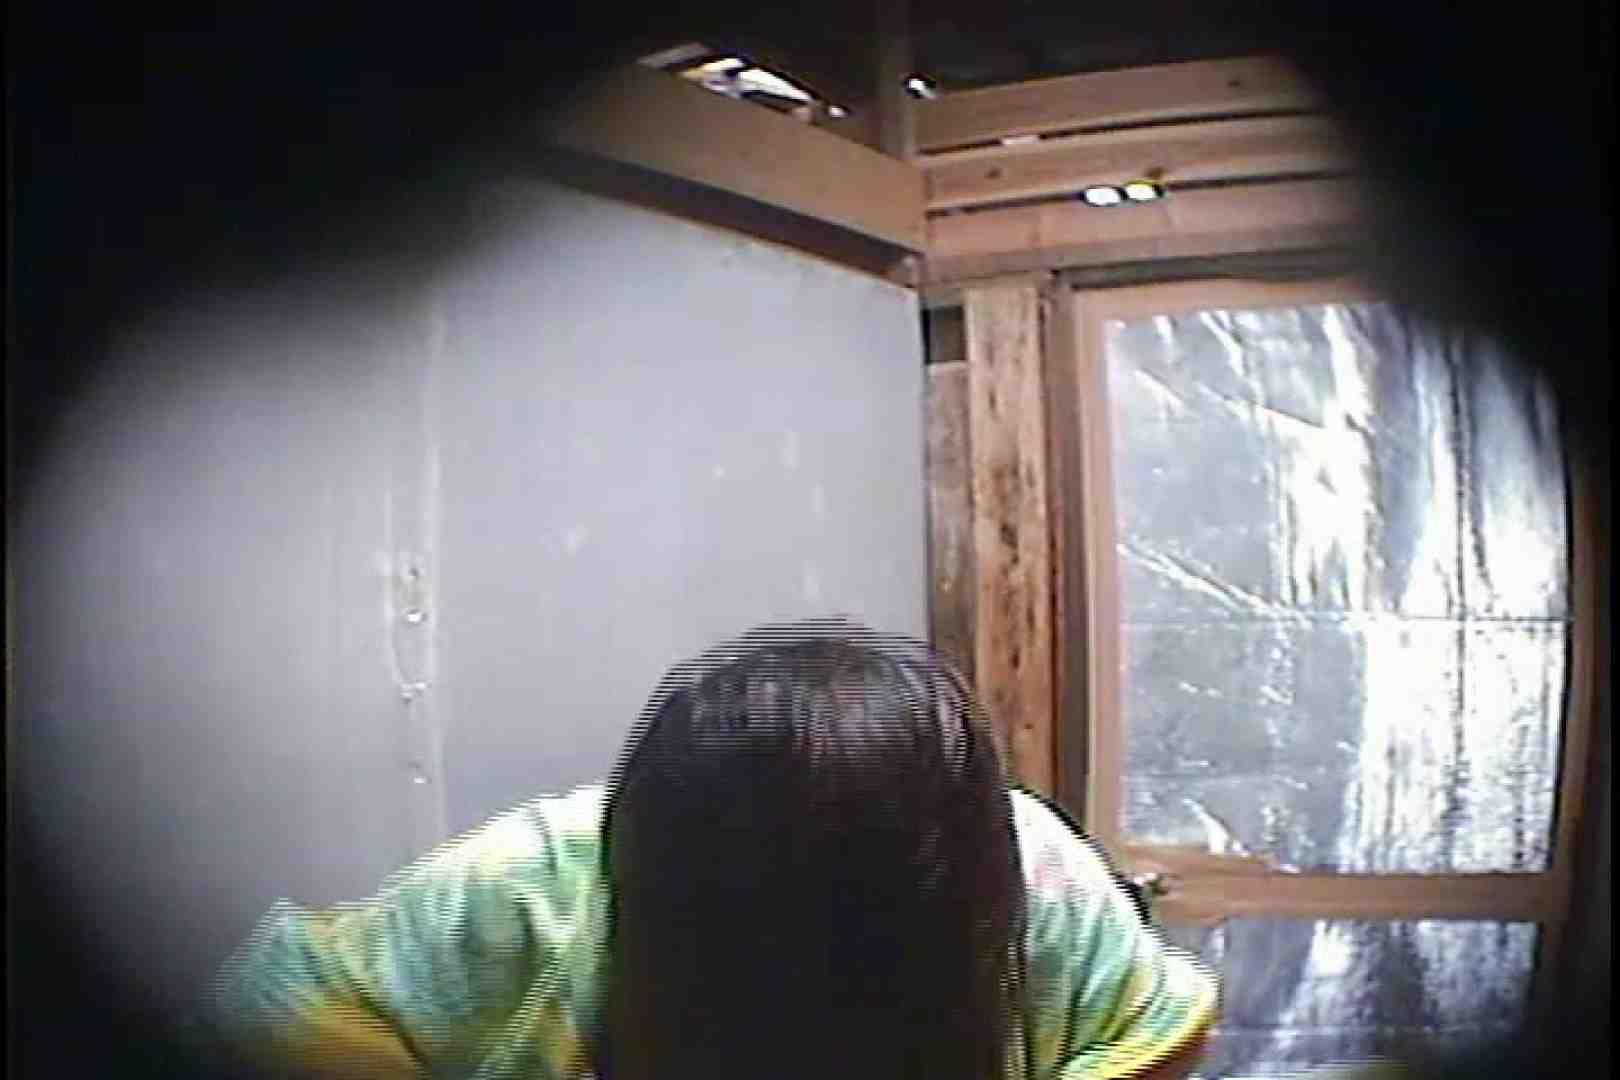 海の家の更衣室 Vol.45 シャワー中 | 美女達のヌード  64連発 15